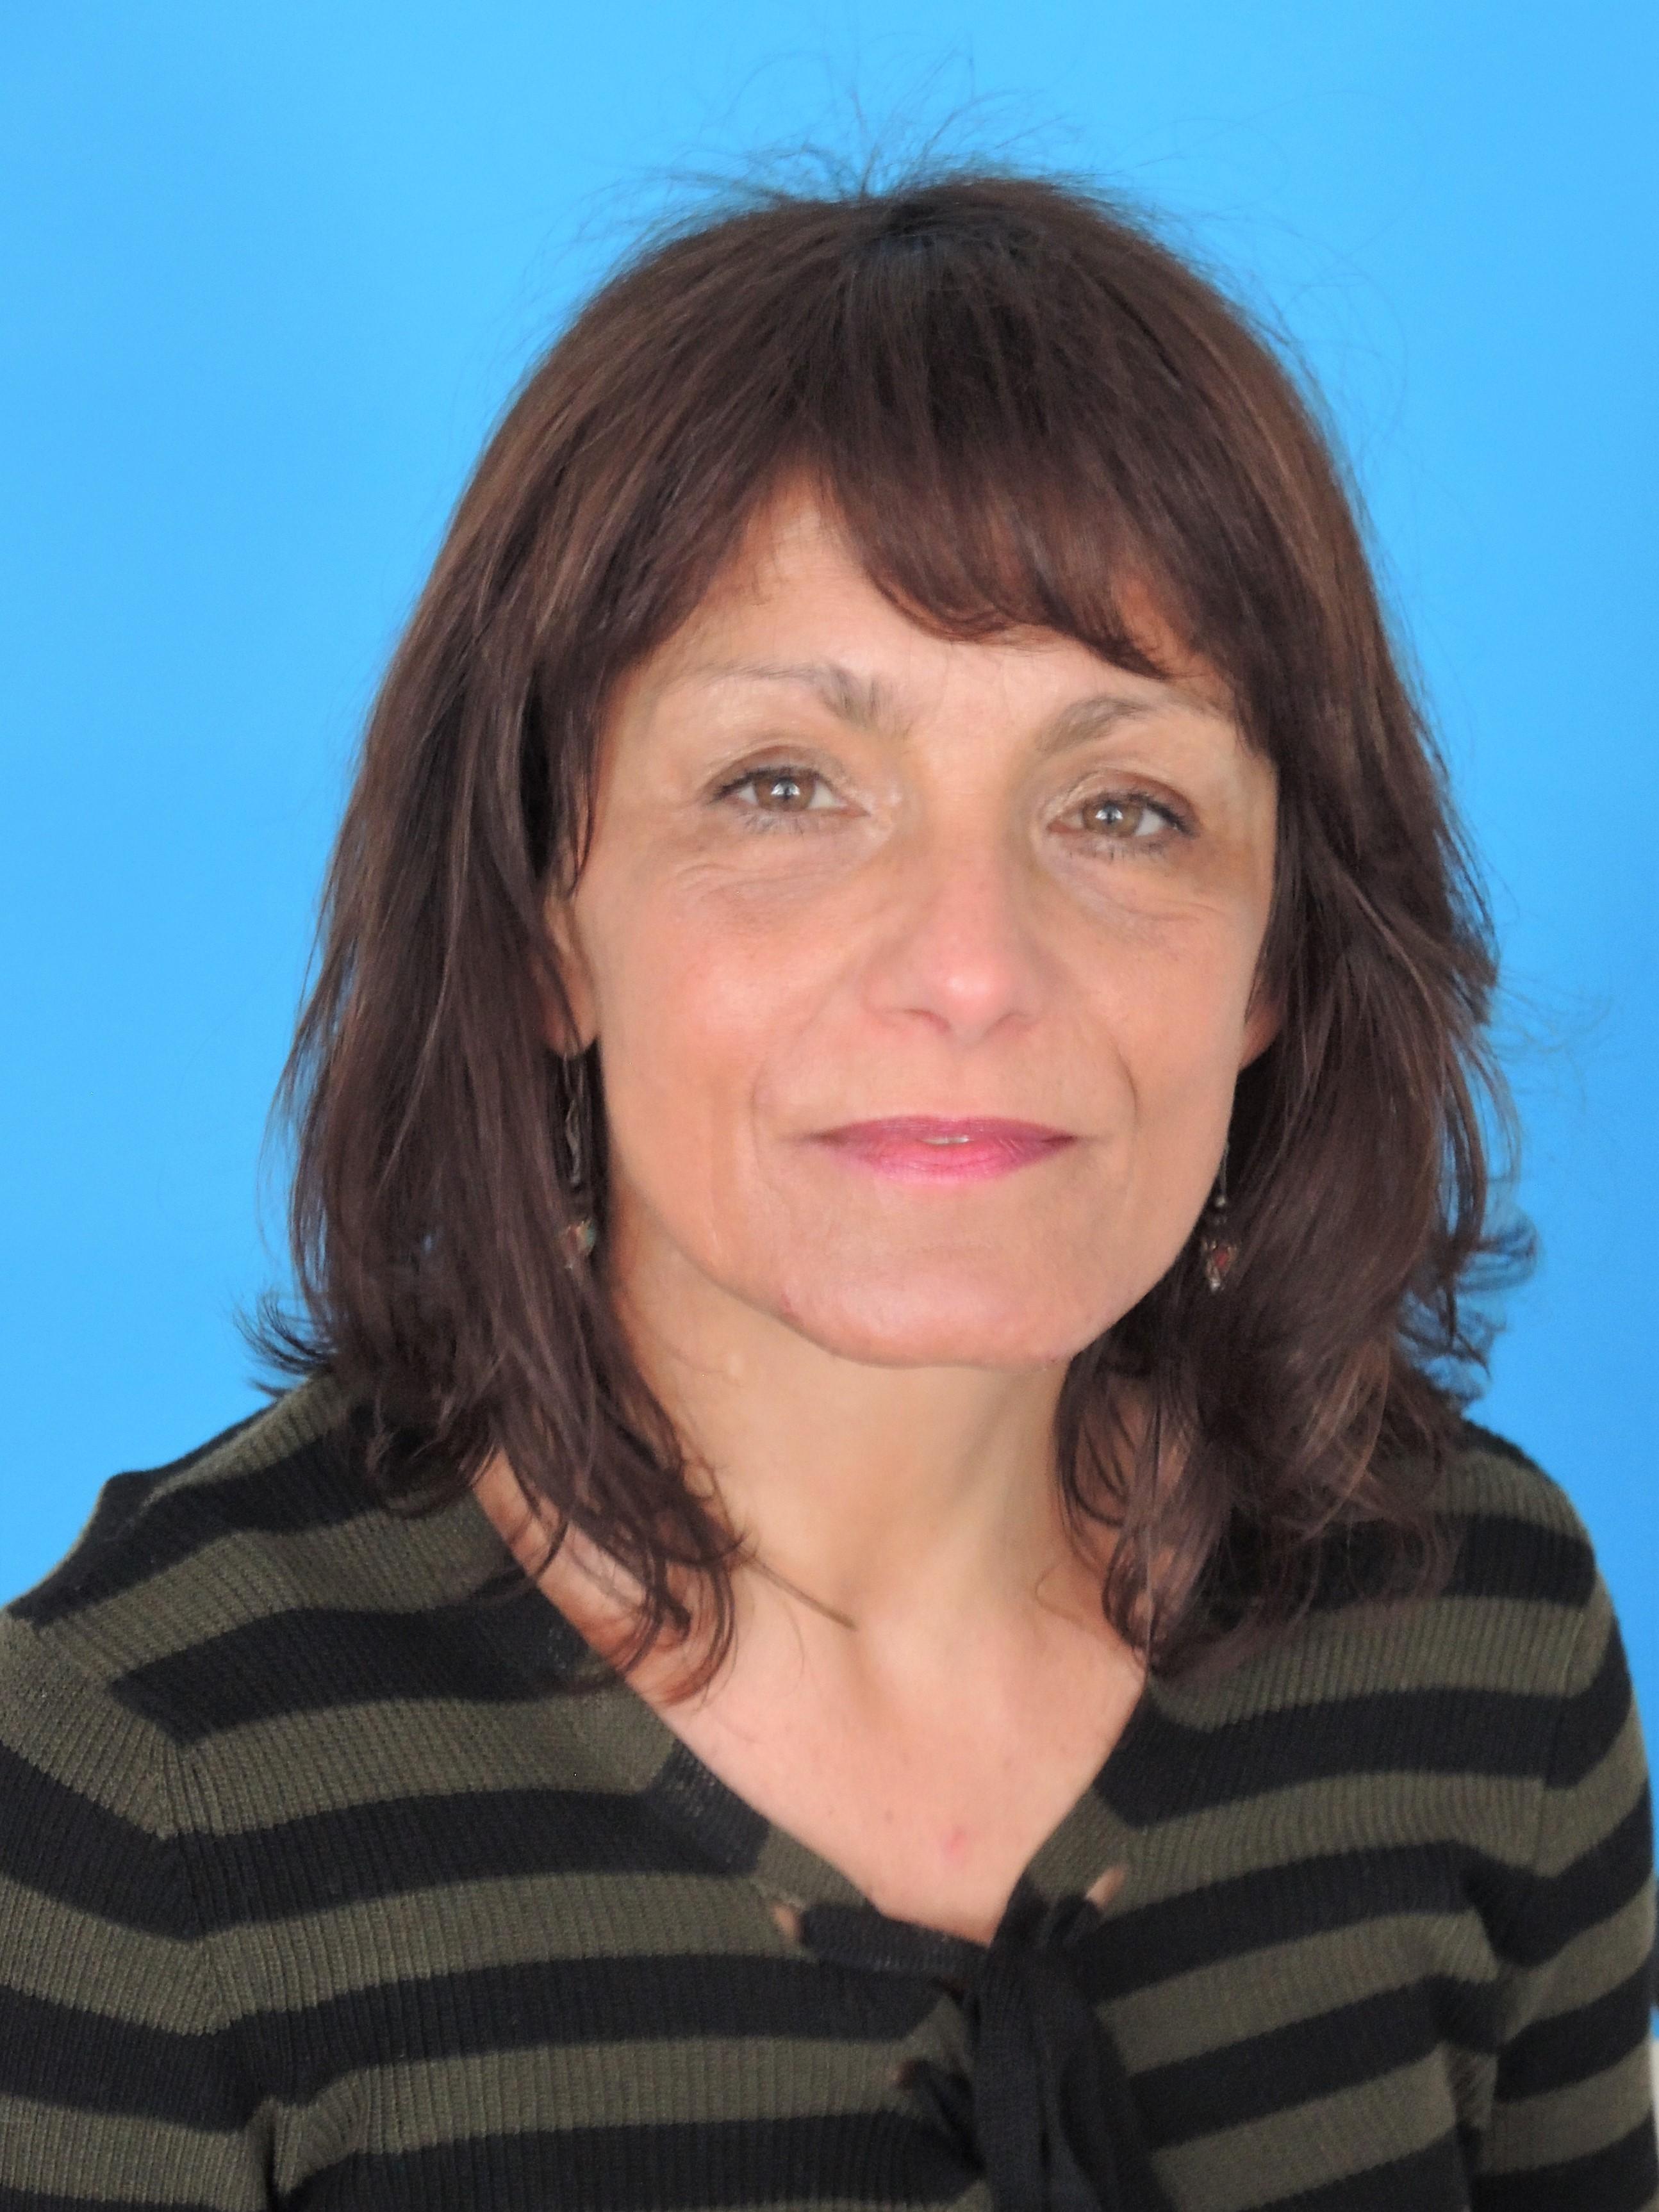 Bc. Monika Thelenová